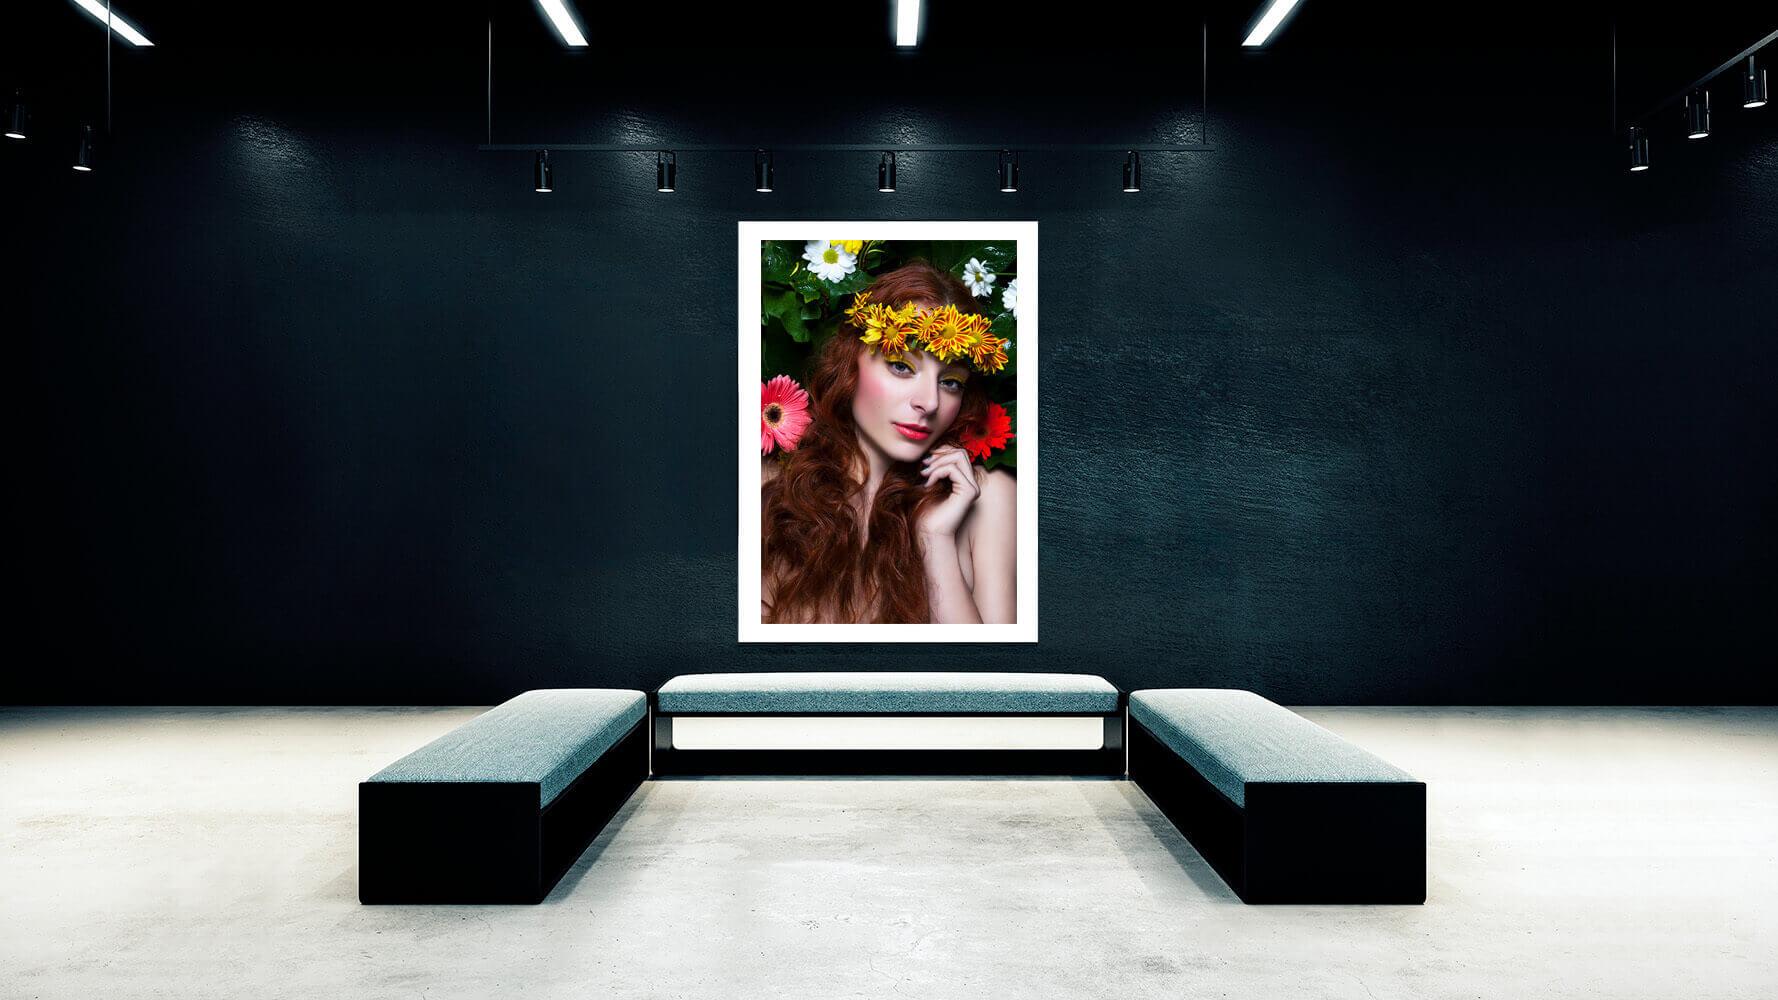 Angel-ruiz-ruiz-exposicion-venus-vere-lete-papillon-Horno-Virtual-Gallery-galeria-arte-fotografia-artistica-edicion-limitada-decoracion-4